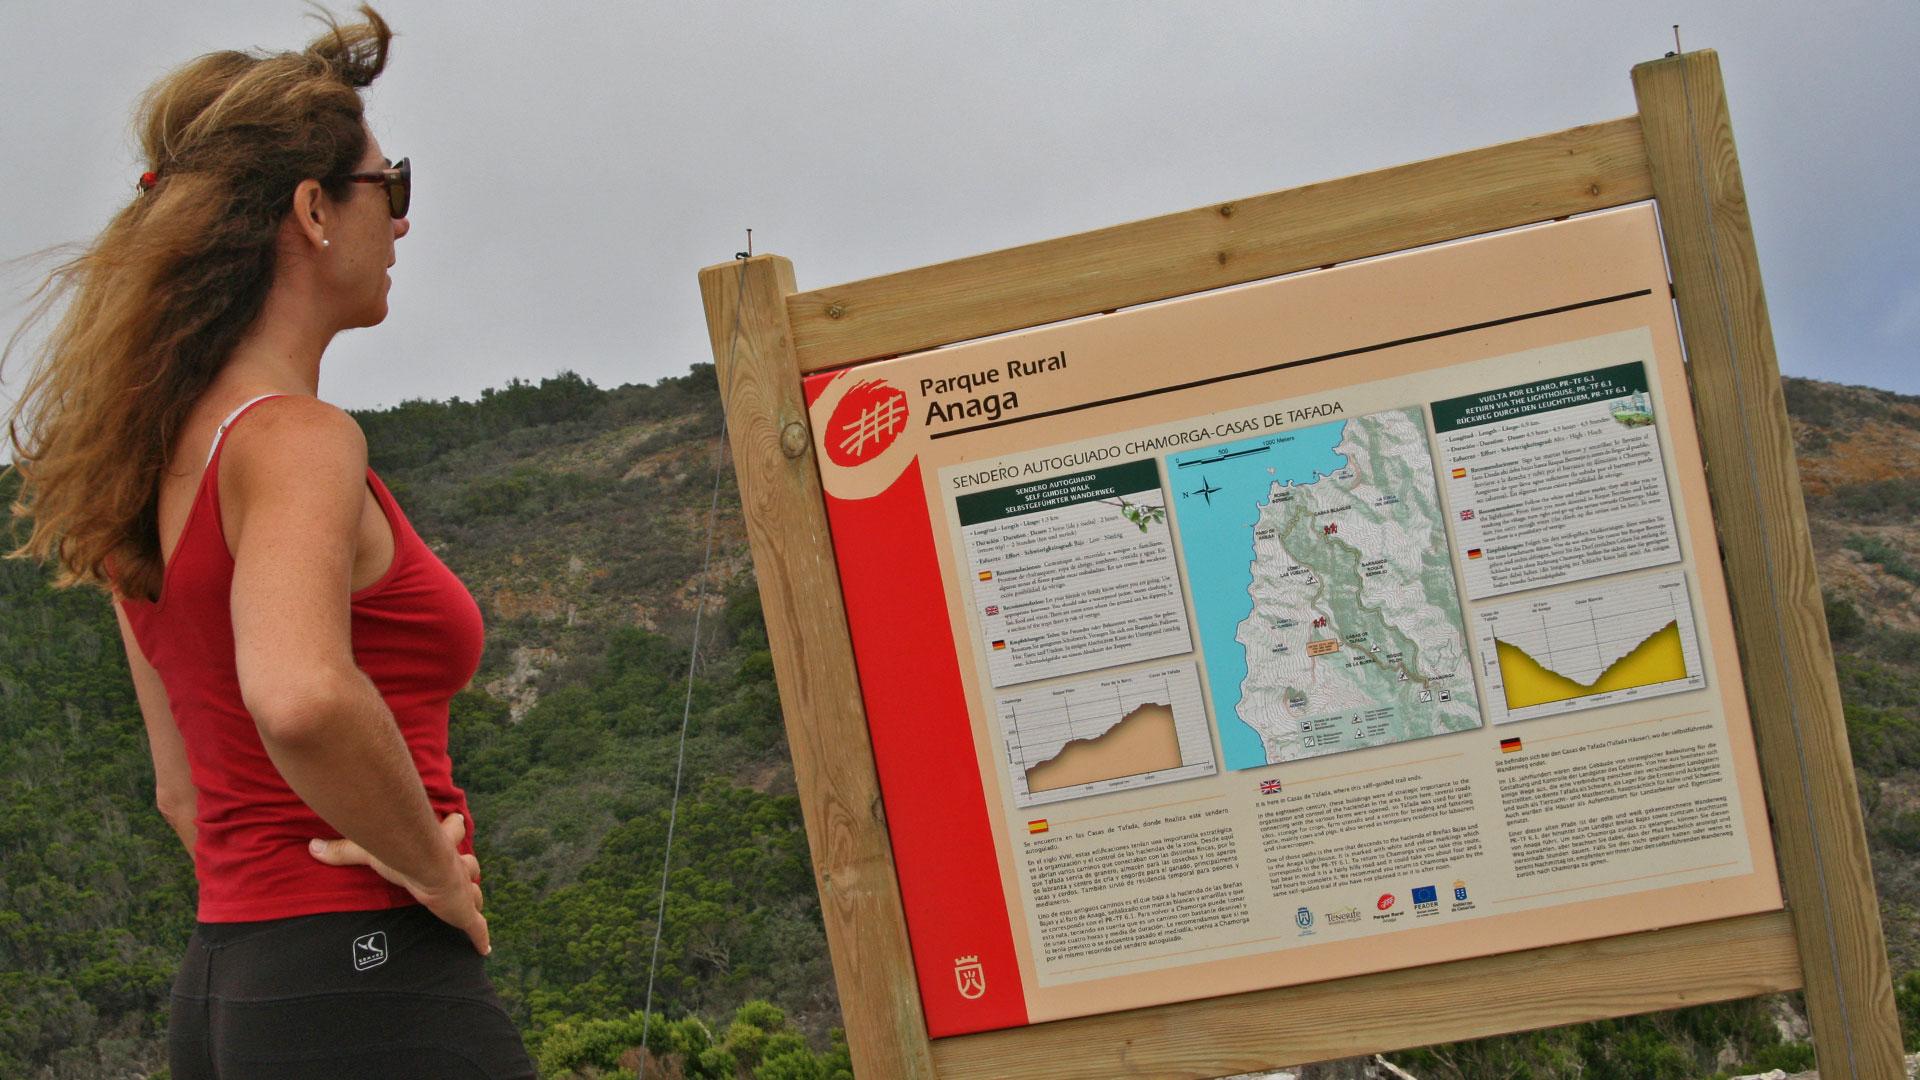 Relive Parque Rural de Anaga. Chamorga-Roque Bermejo